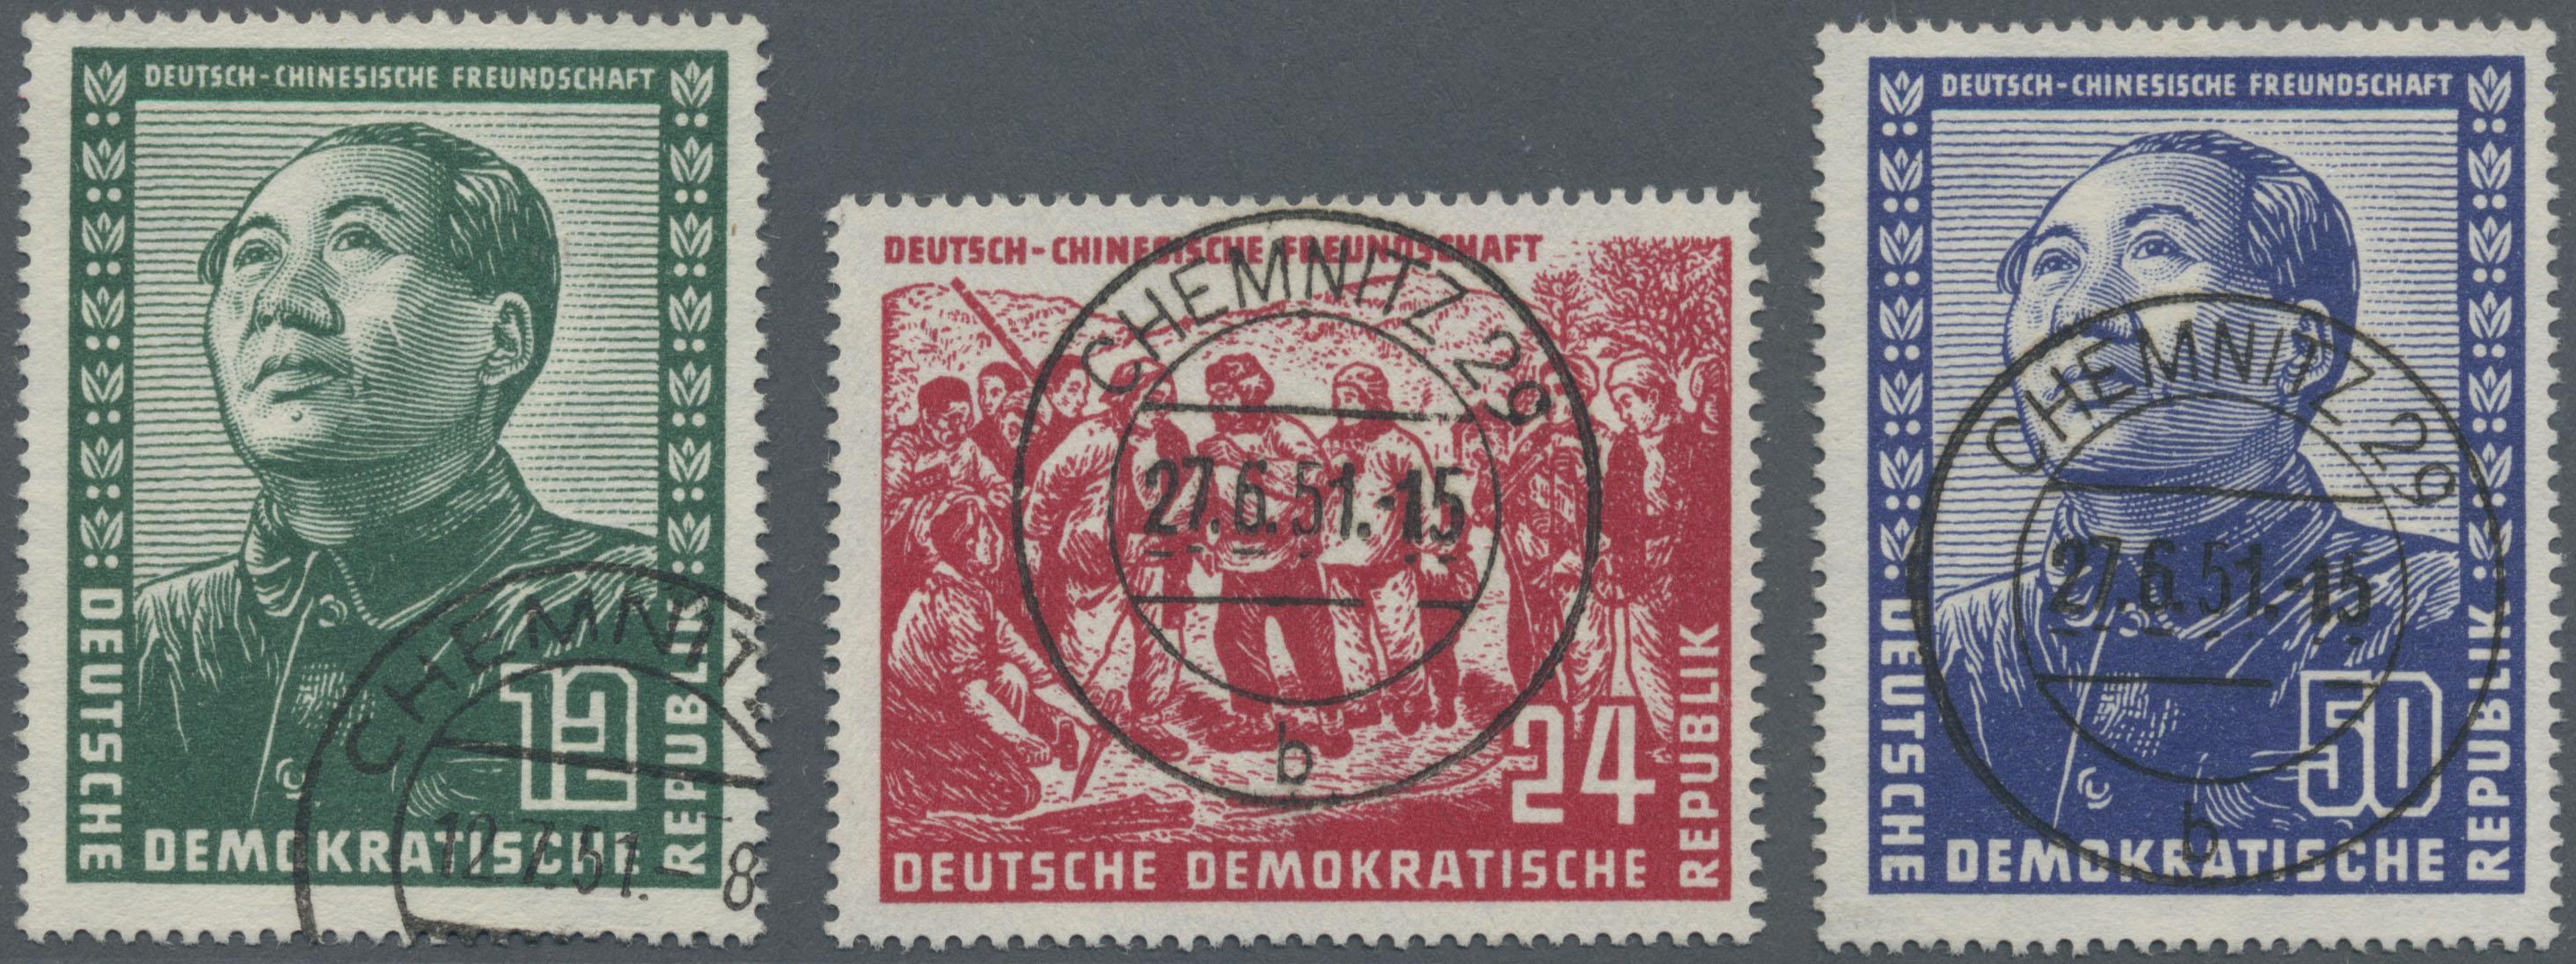 Ukraine Ukraine Briefmarken Gestempelt üPpiges Design